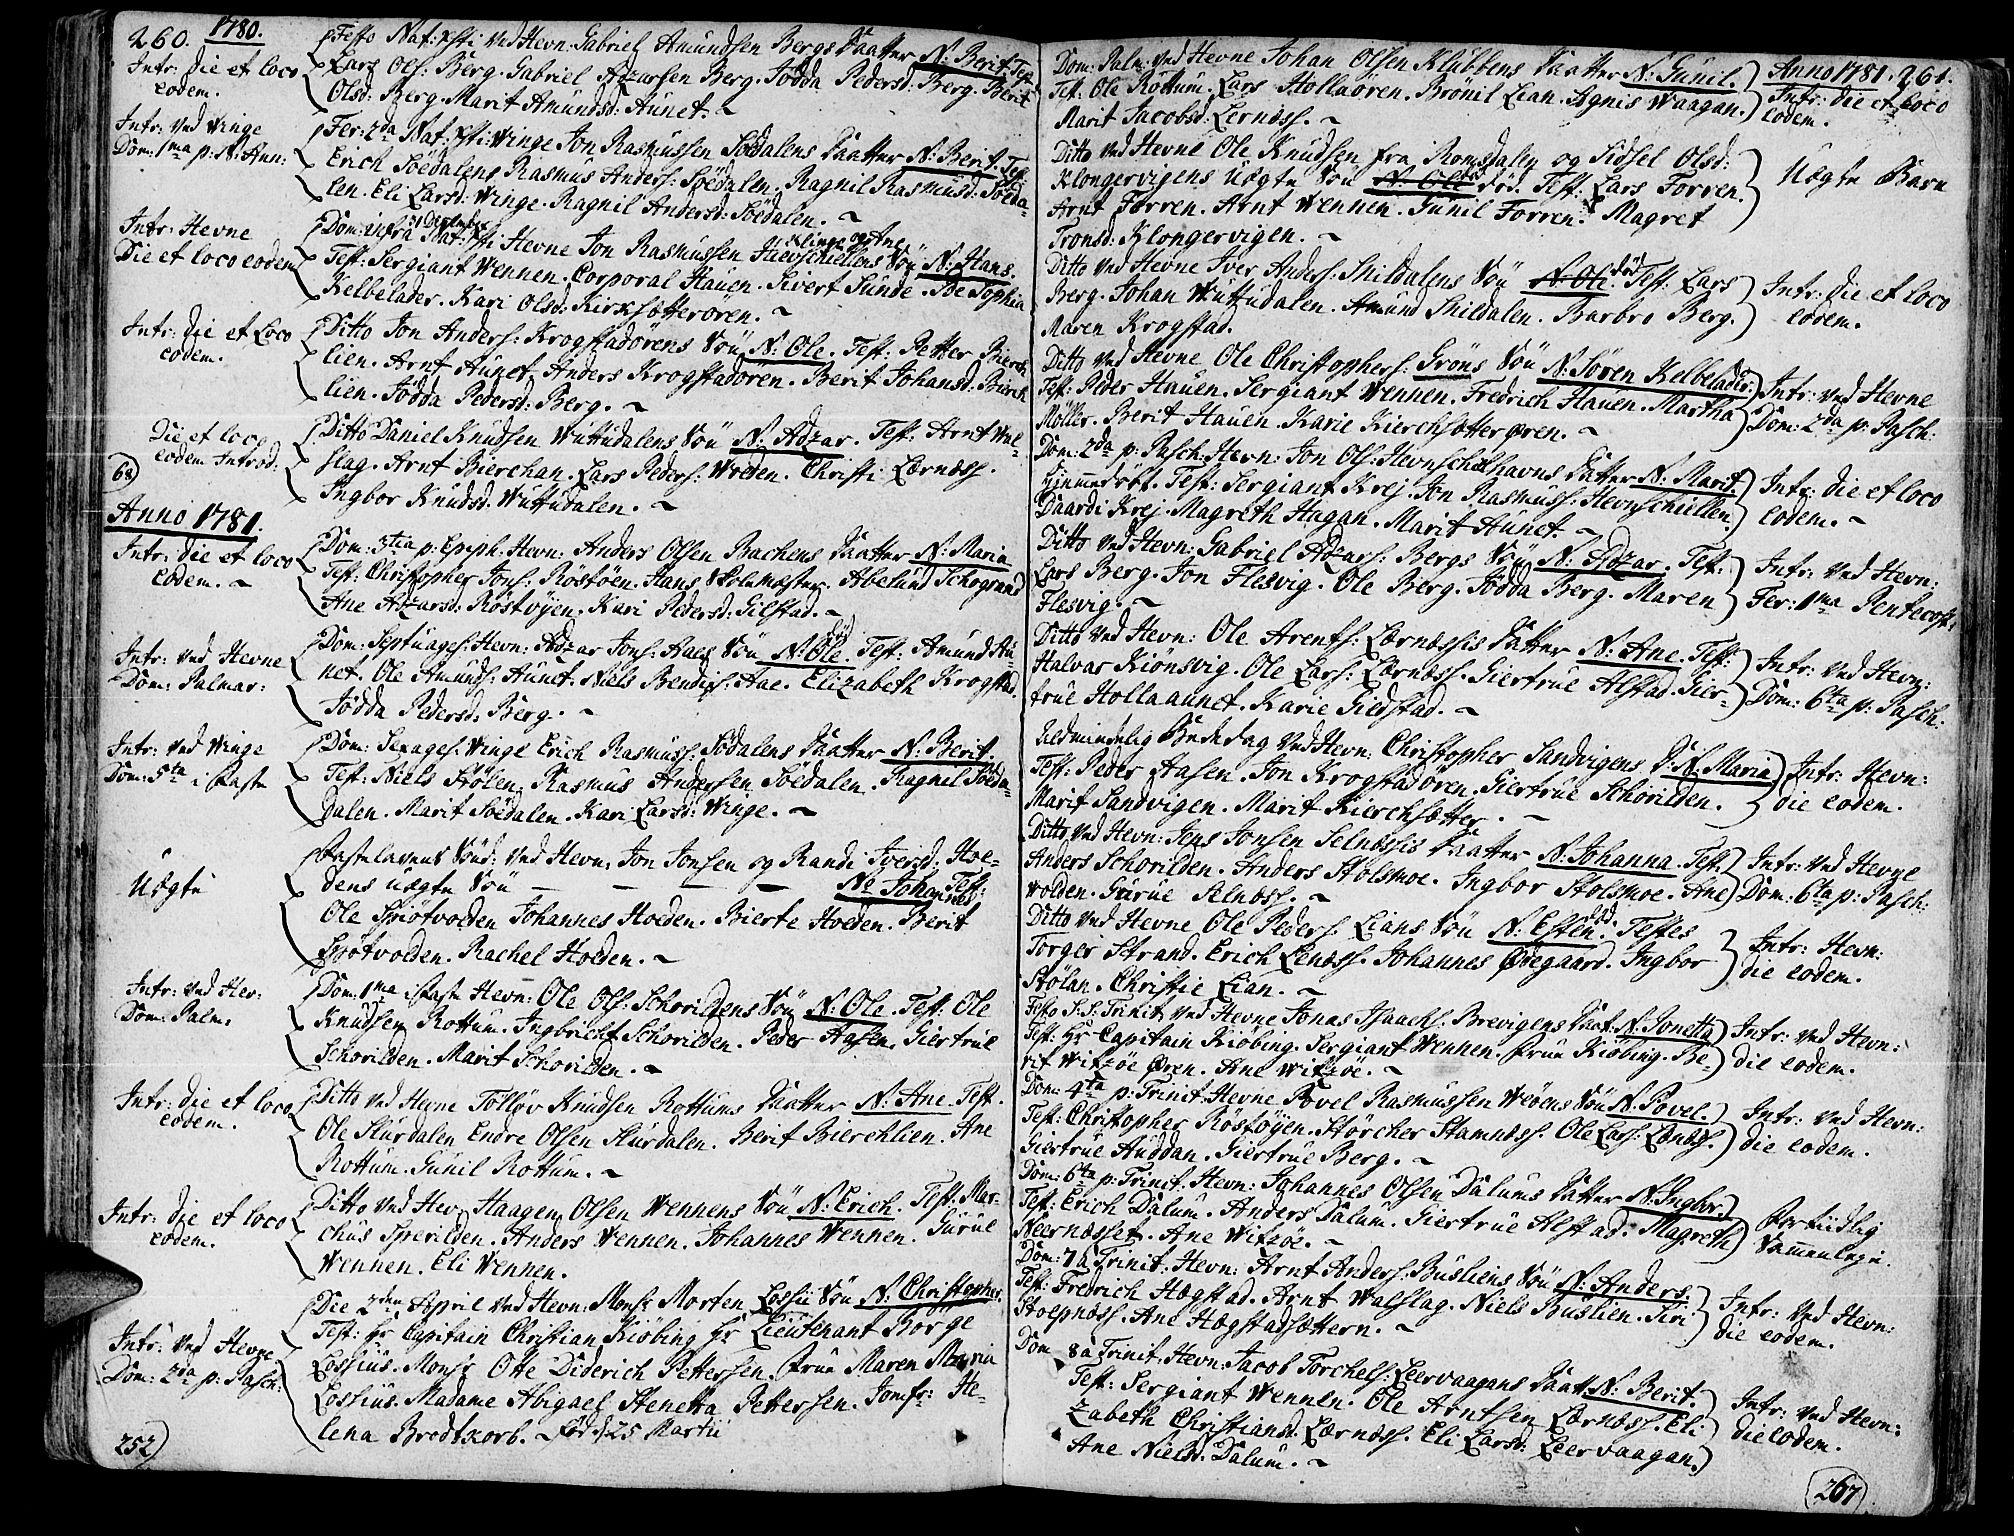 SAT, Ministerialprotokoller, klokkerbøker og fødselsregistre - Sør-Trøndelag, 630/L0489: Ministerialbok nr. 630A02, 1757-1794, s. 260-261